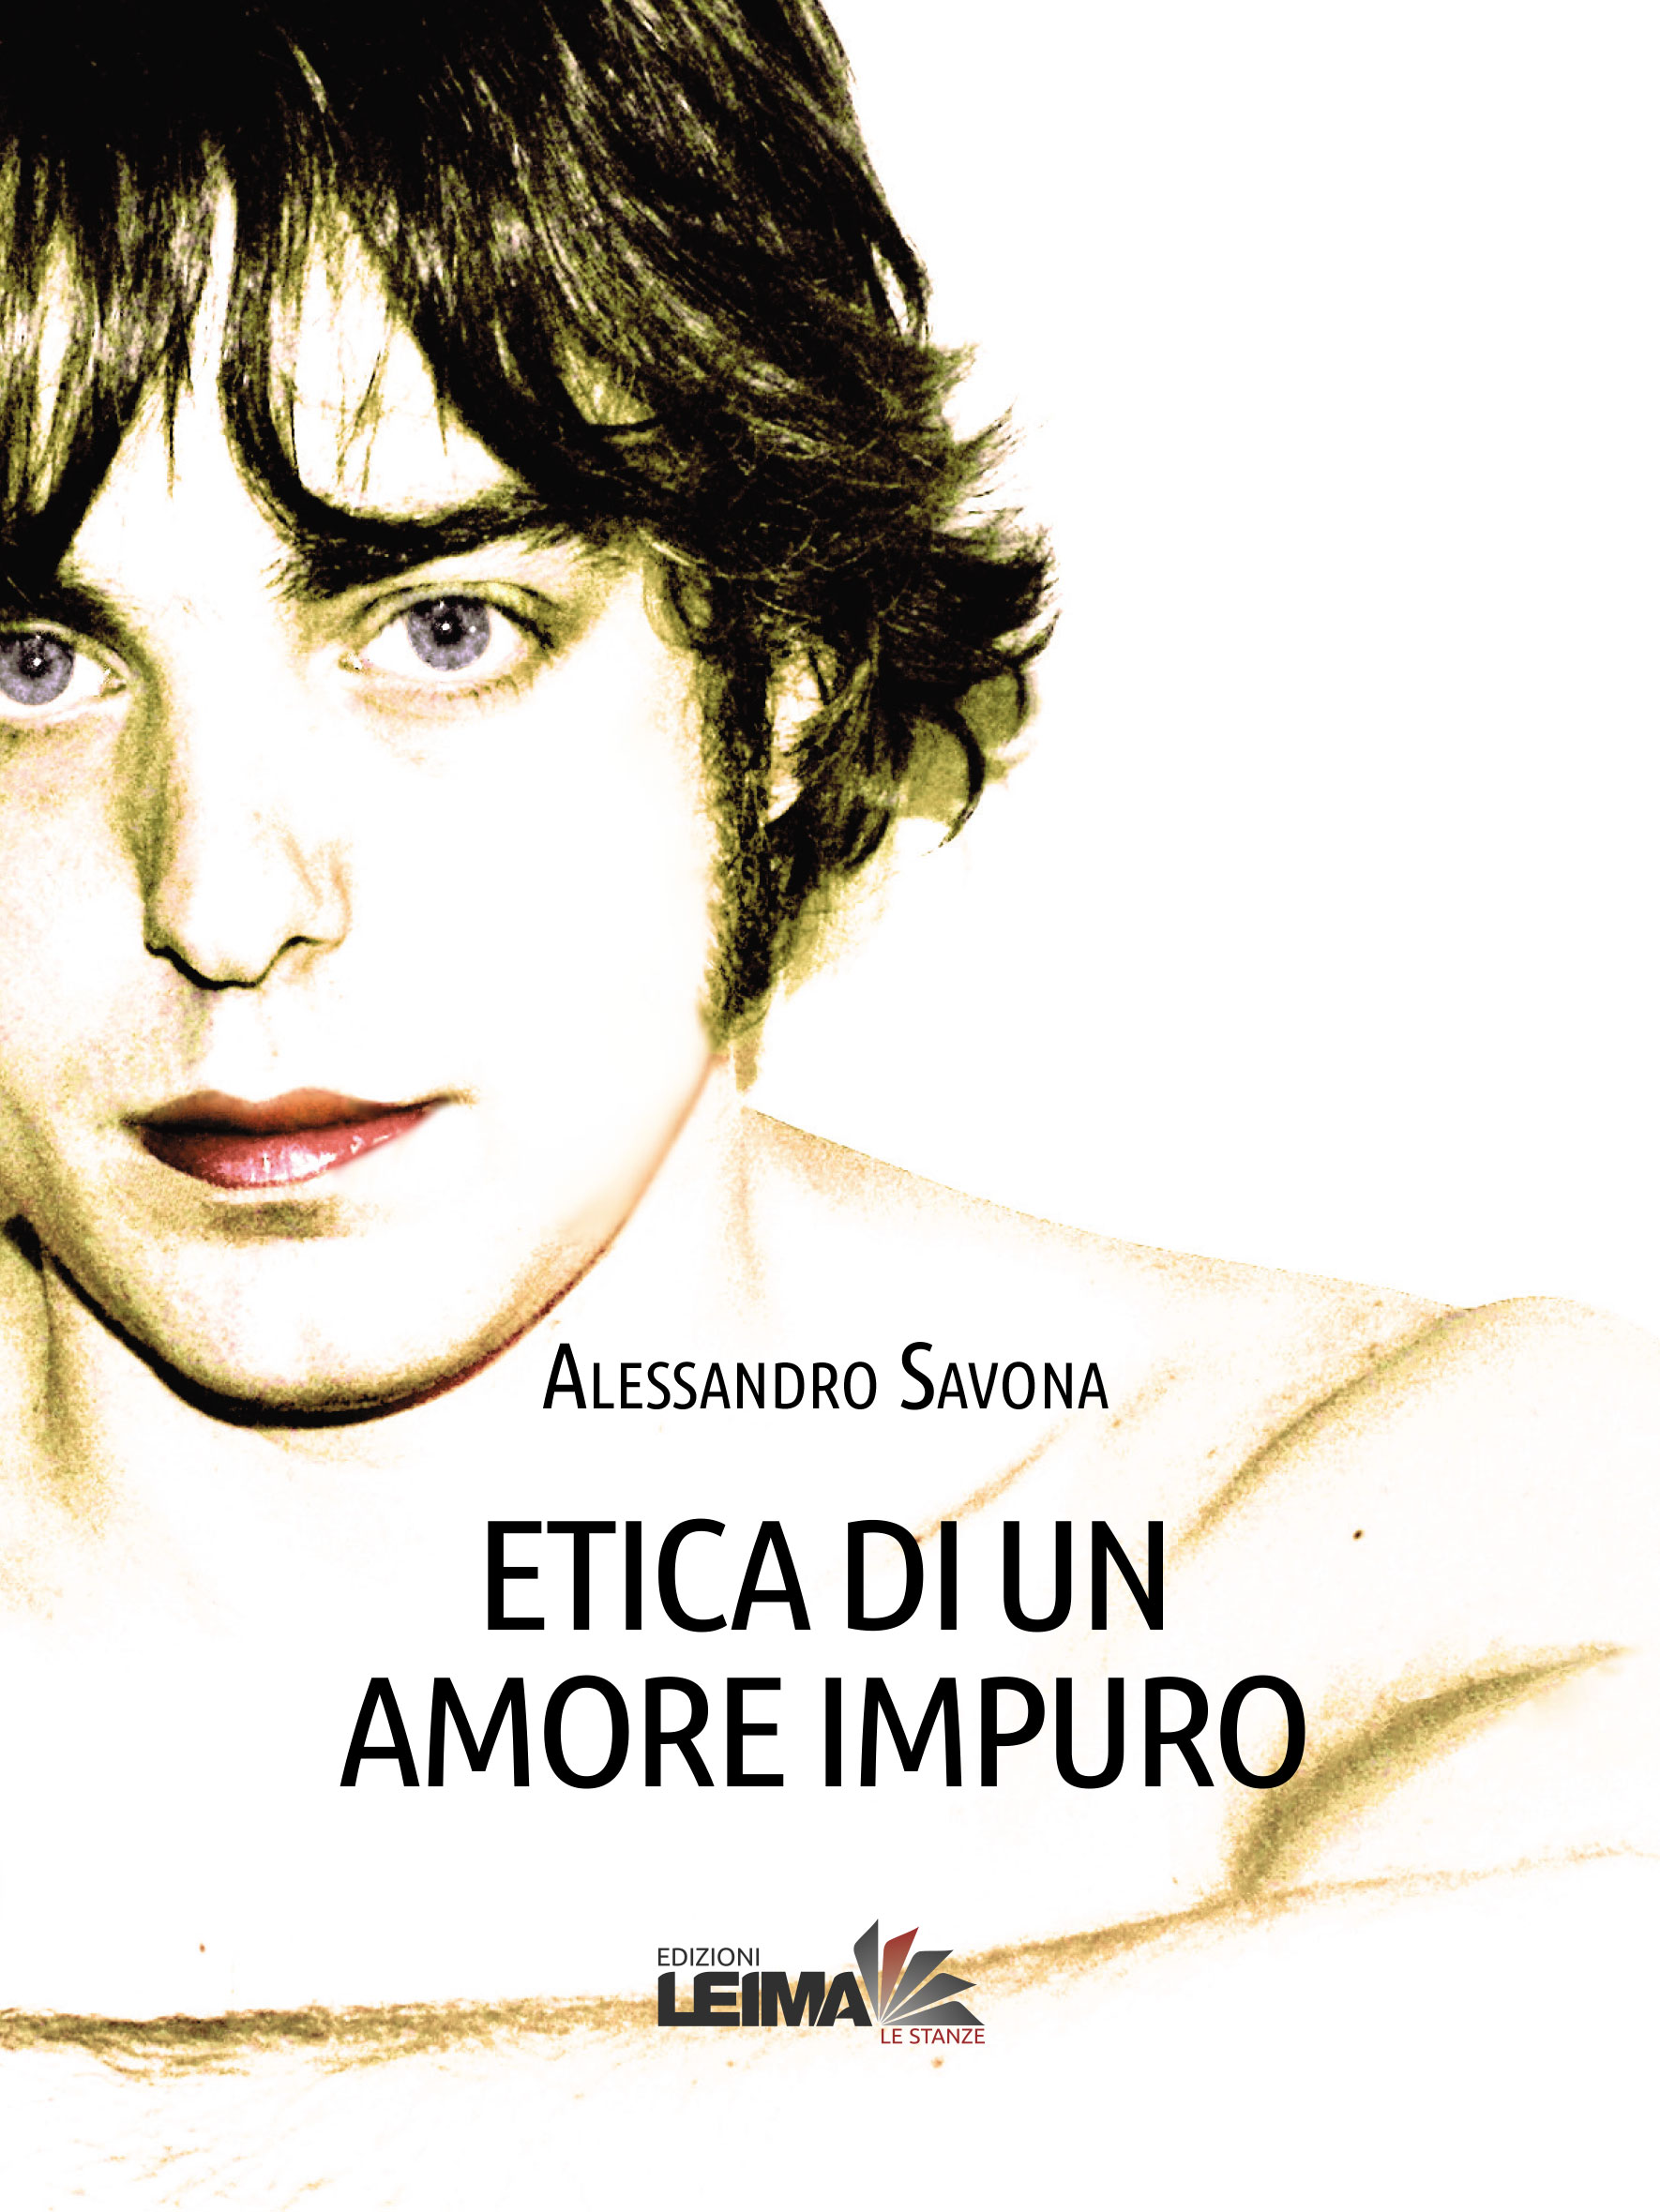 Etica di un amore impuro – Ethics of an impure love, Second edition